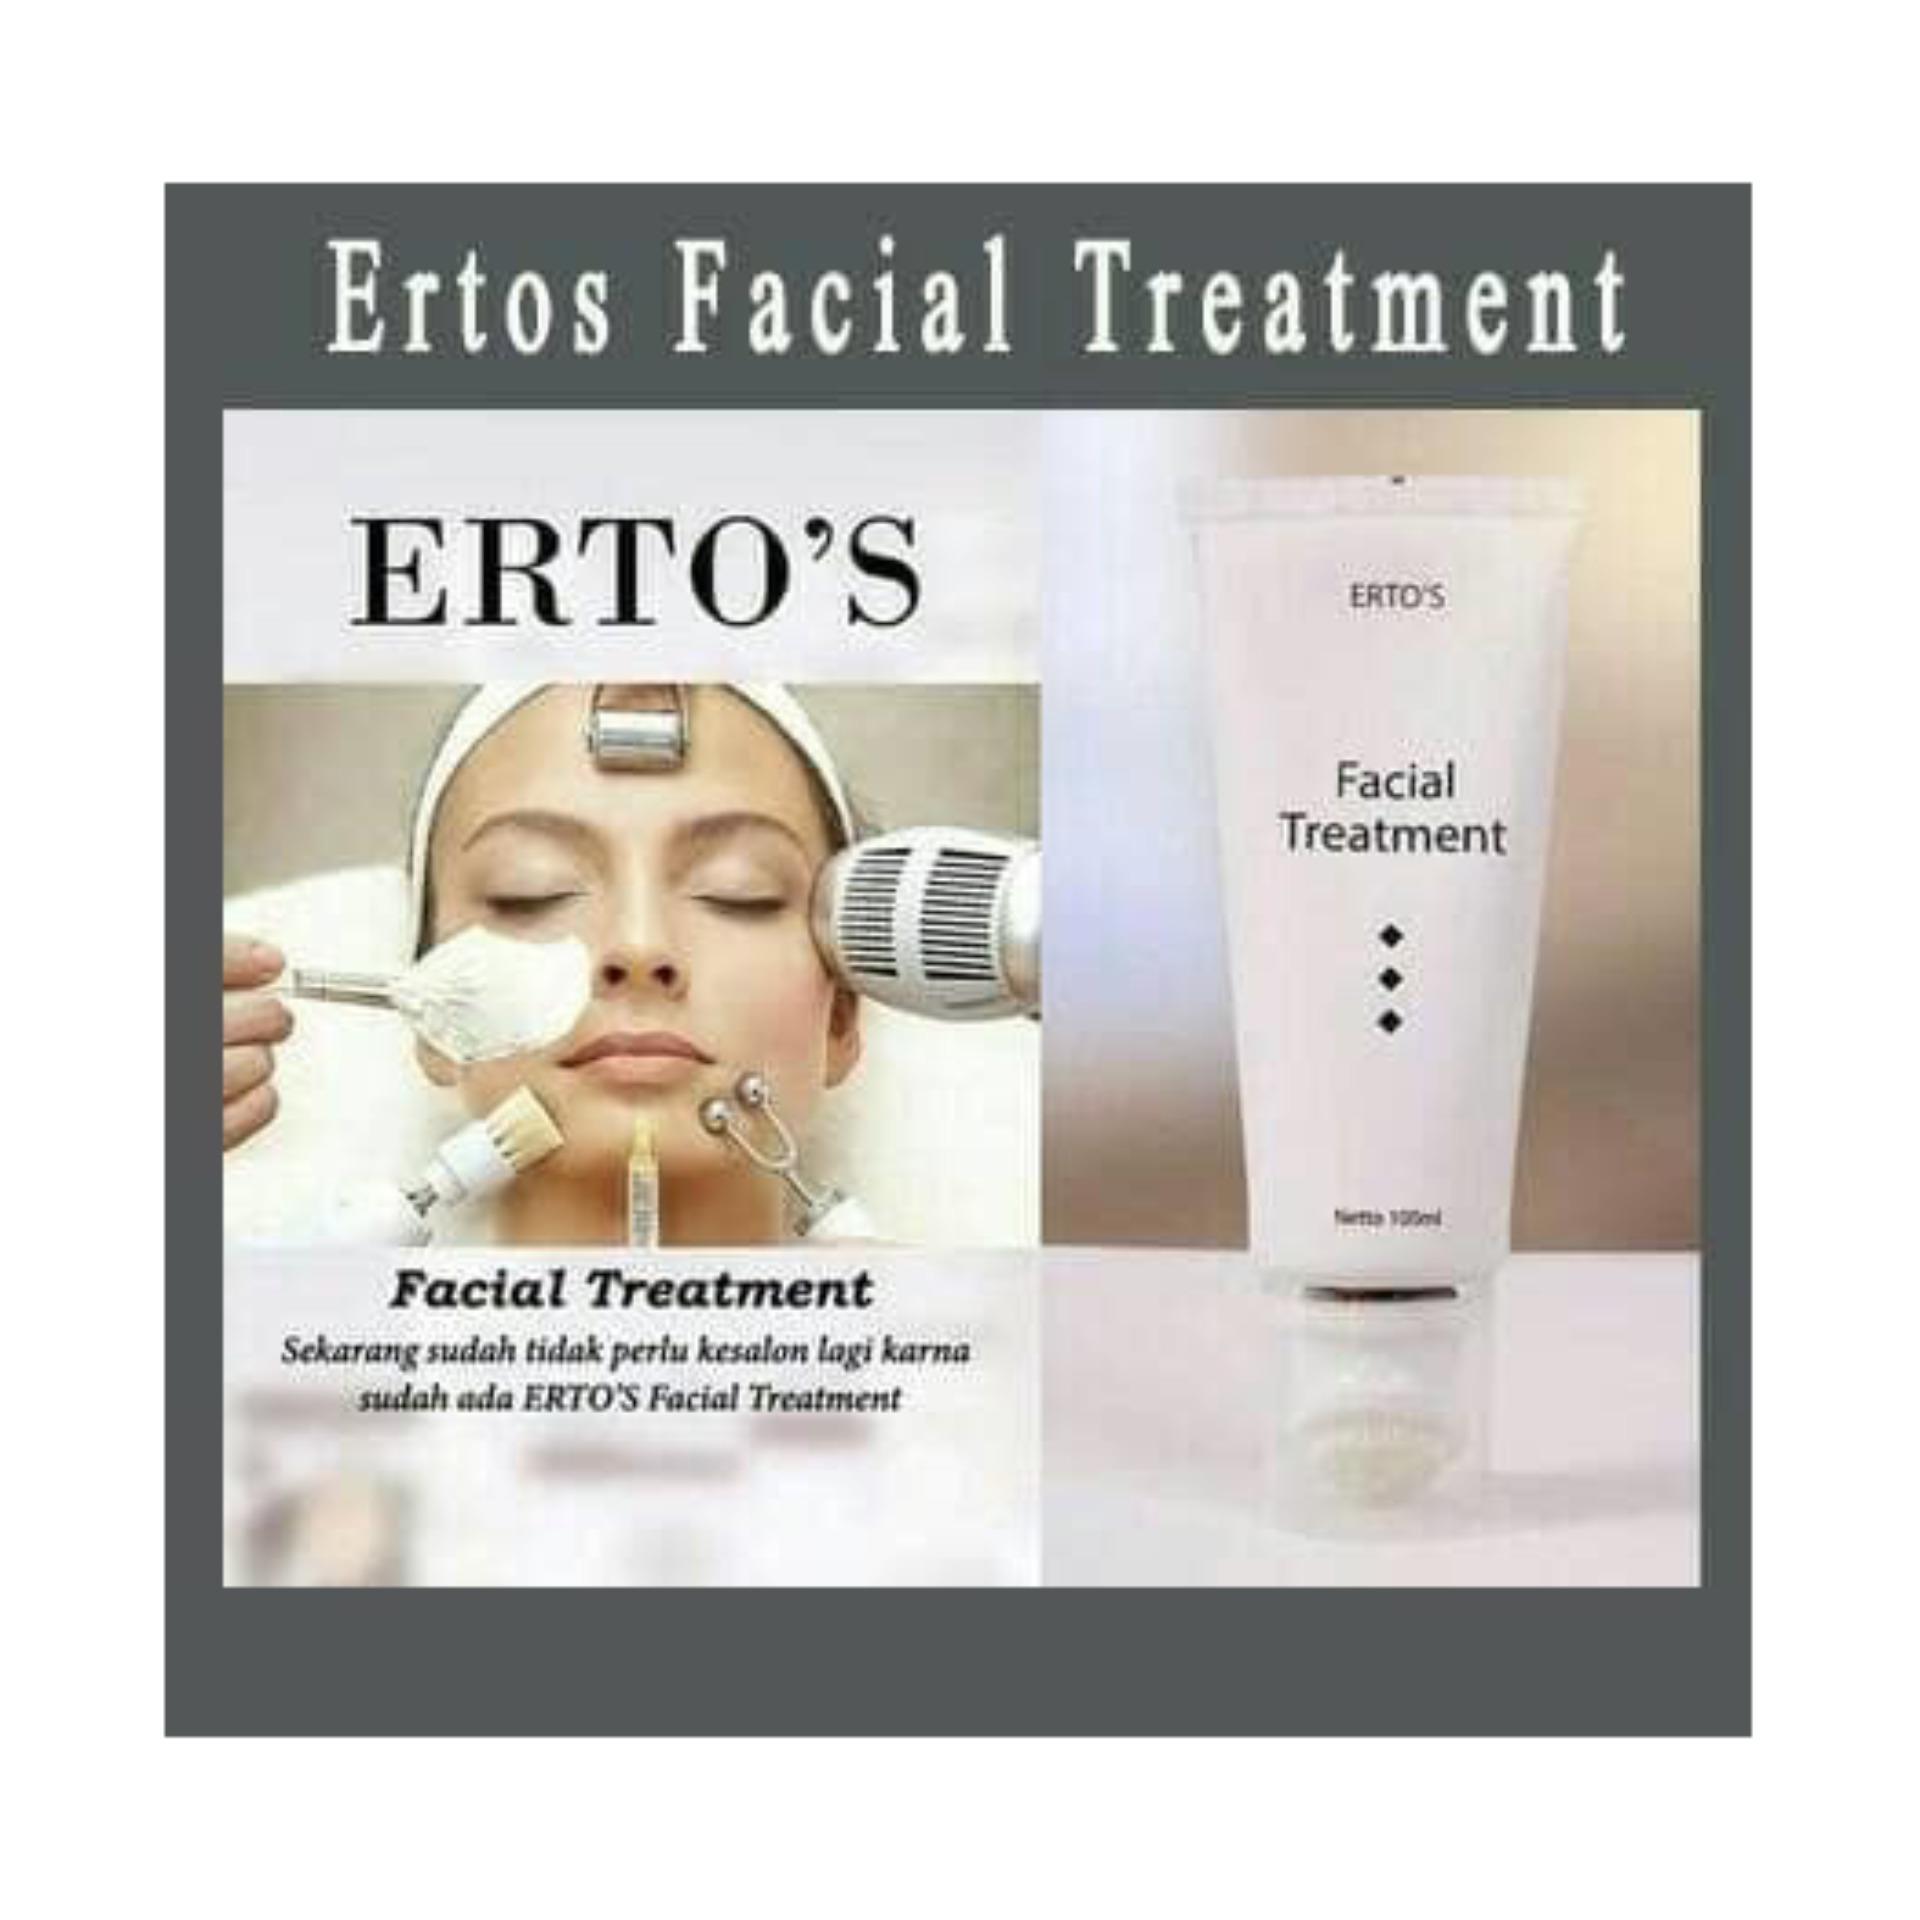 Beli Ertos Facial Treatment 100ml Original Bpom Facian Membantu Kulit Tampak Lebih Cerah Best Seller 100 Ml